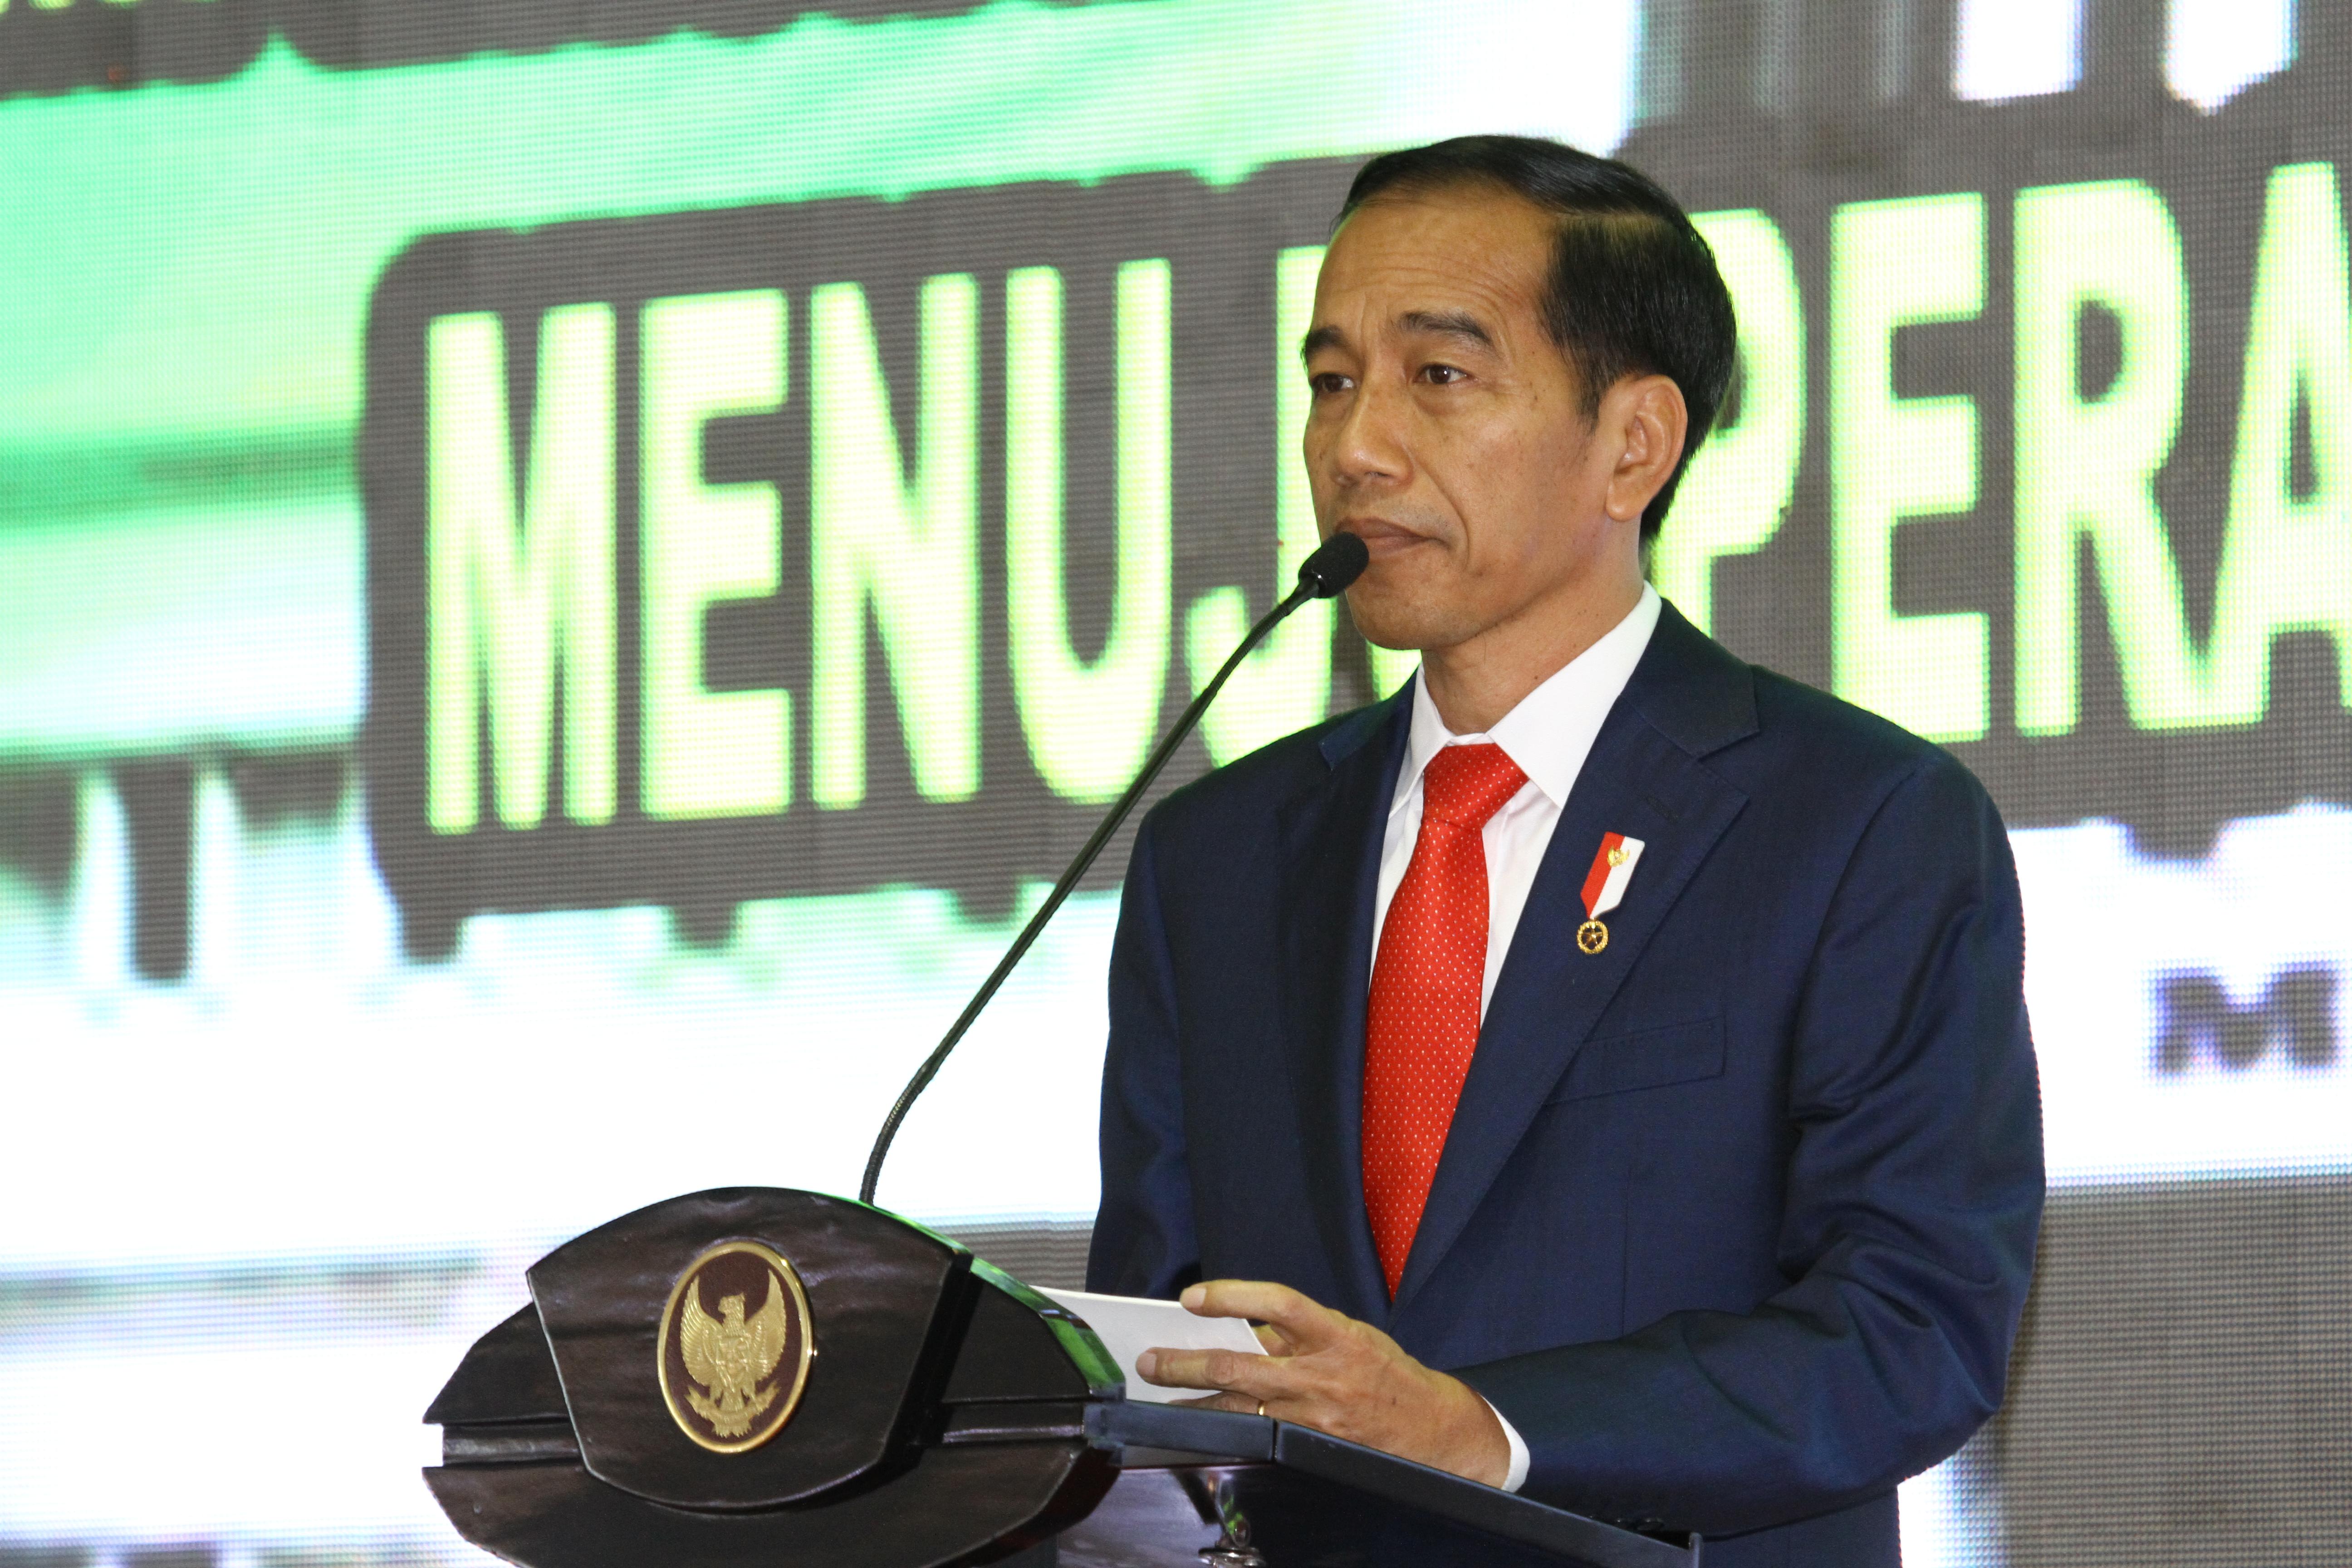 PRESIDEN JOKOWI: SELAMAT MENGABDI MENJADI PELAYAN KEADILAN BAGI RAKYAT INDONESIA